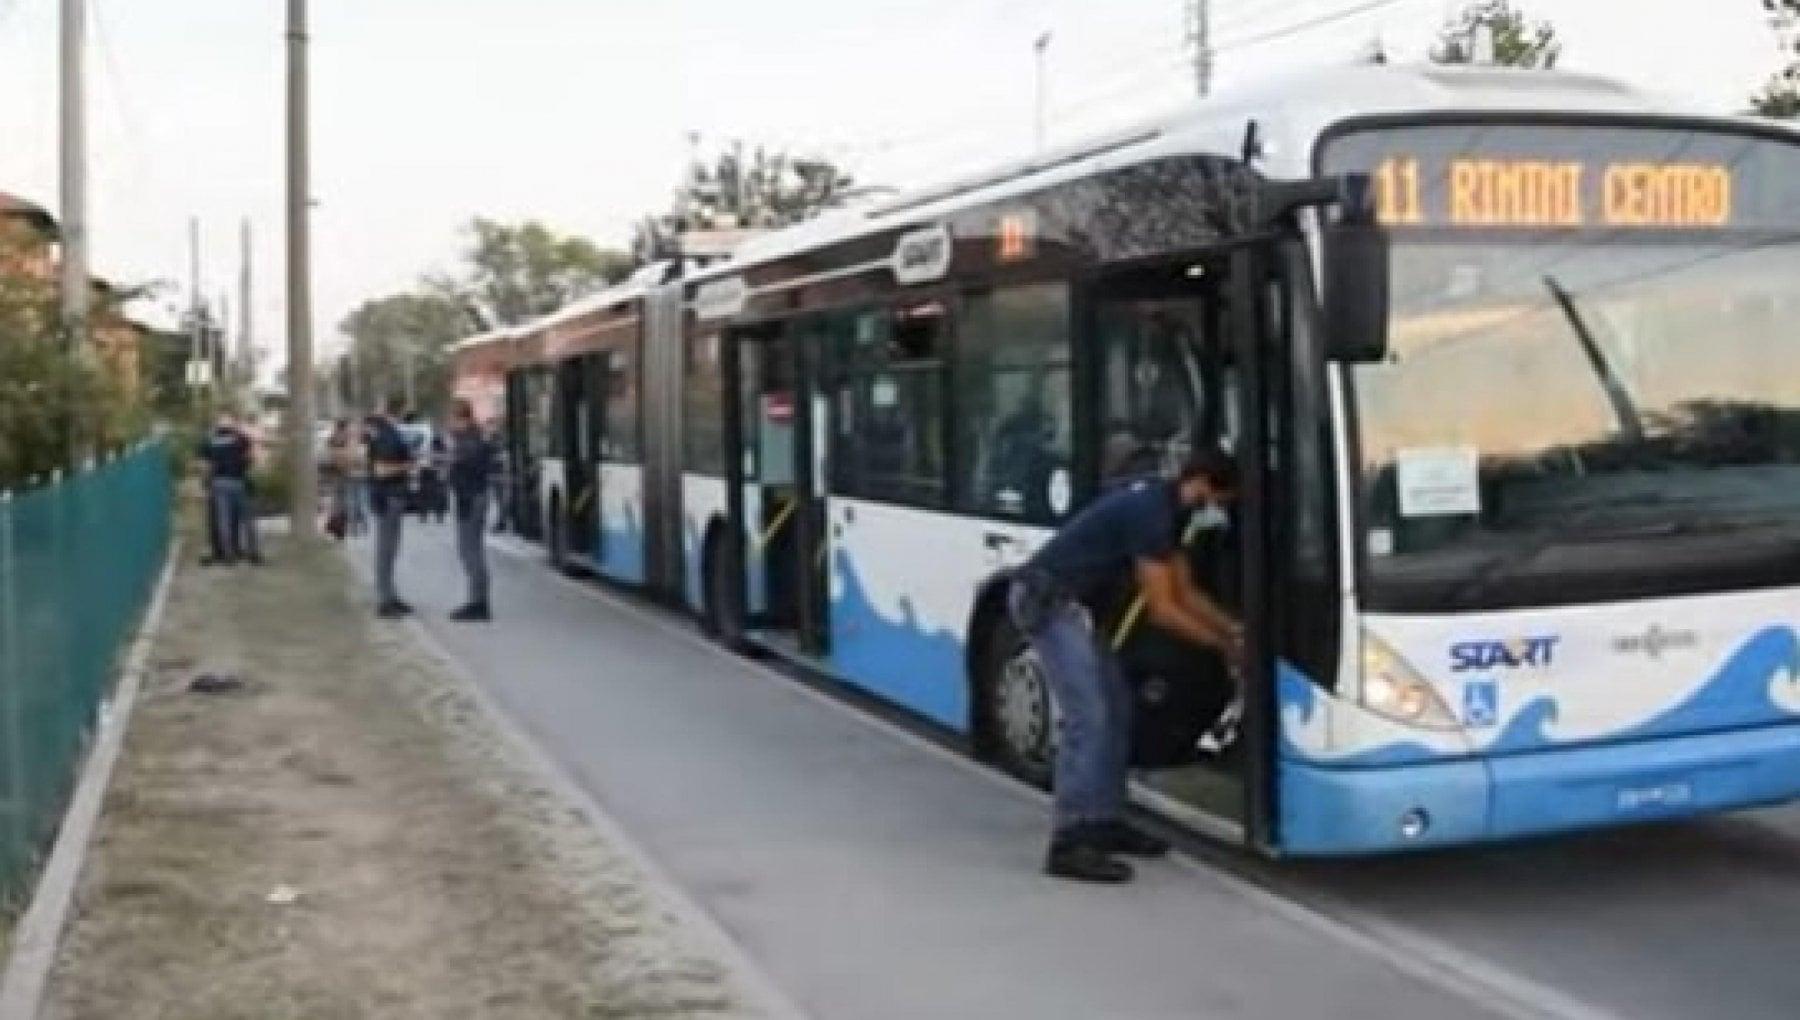 012414700 057cab4d ef5d 4c6c 8f0b b0ad1d3a485f - Rimini, uomo accoltella due ispettrici sull'autobus e altre tre persone durante la fuga. Fermato